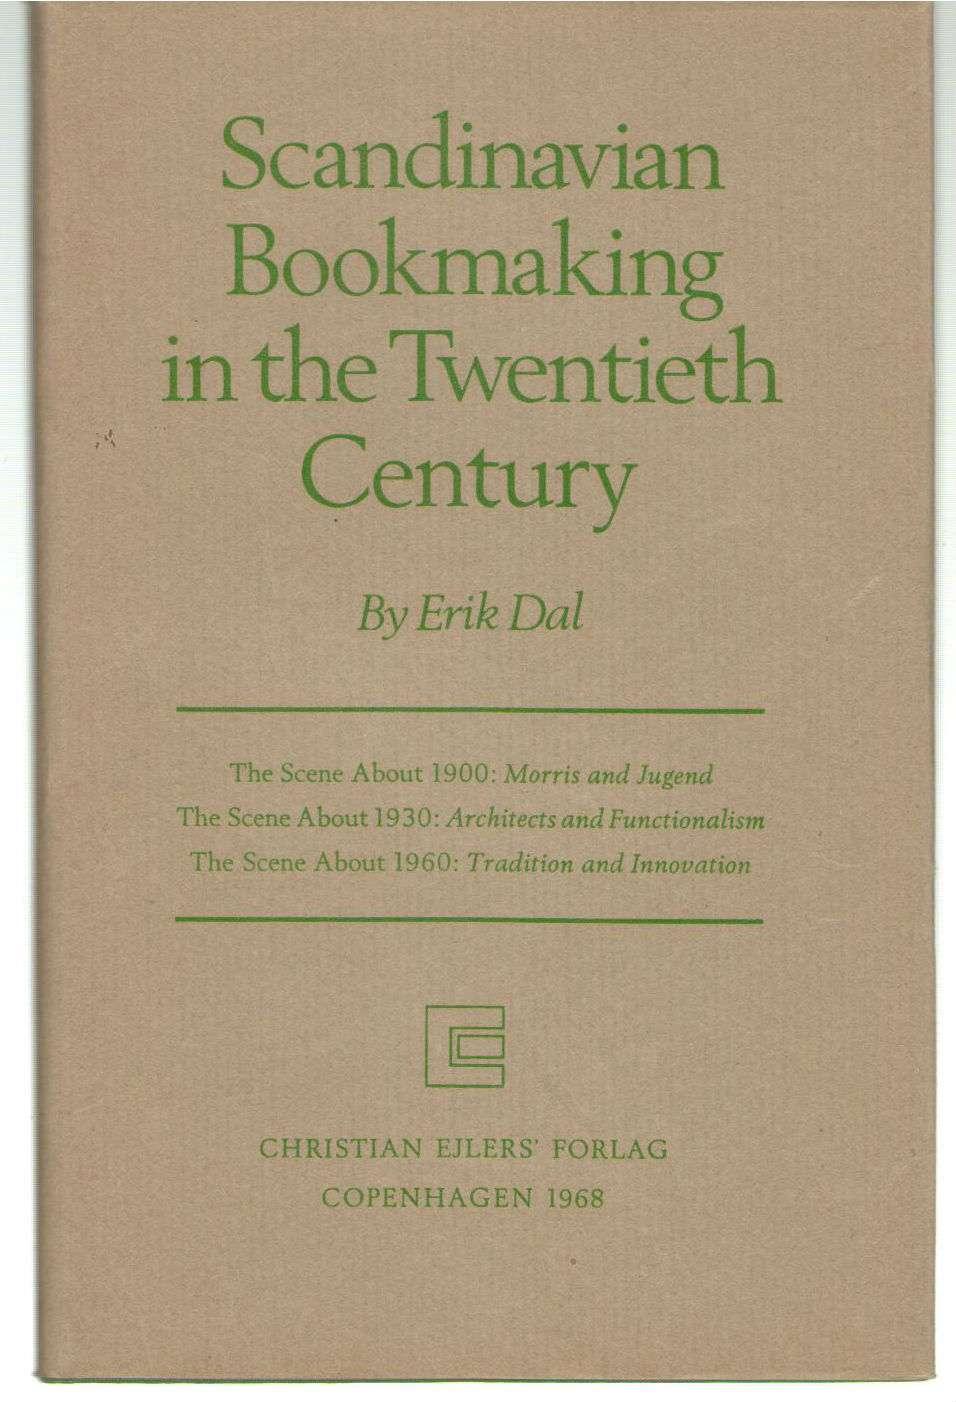 Scandinavian Bookmaking in the Twentieth Century, dal, erik